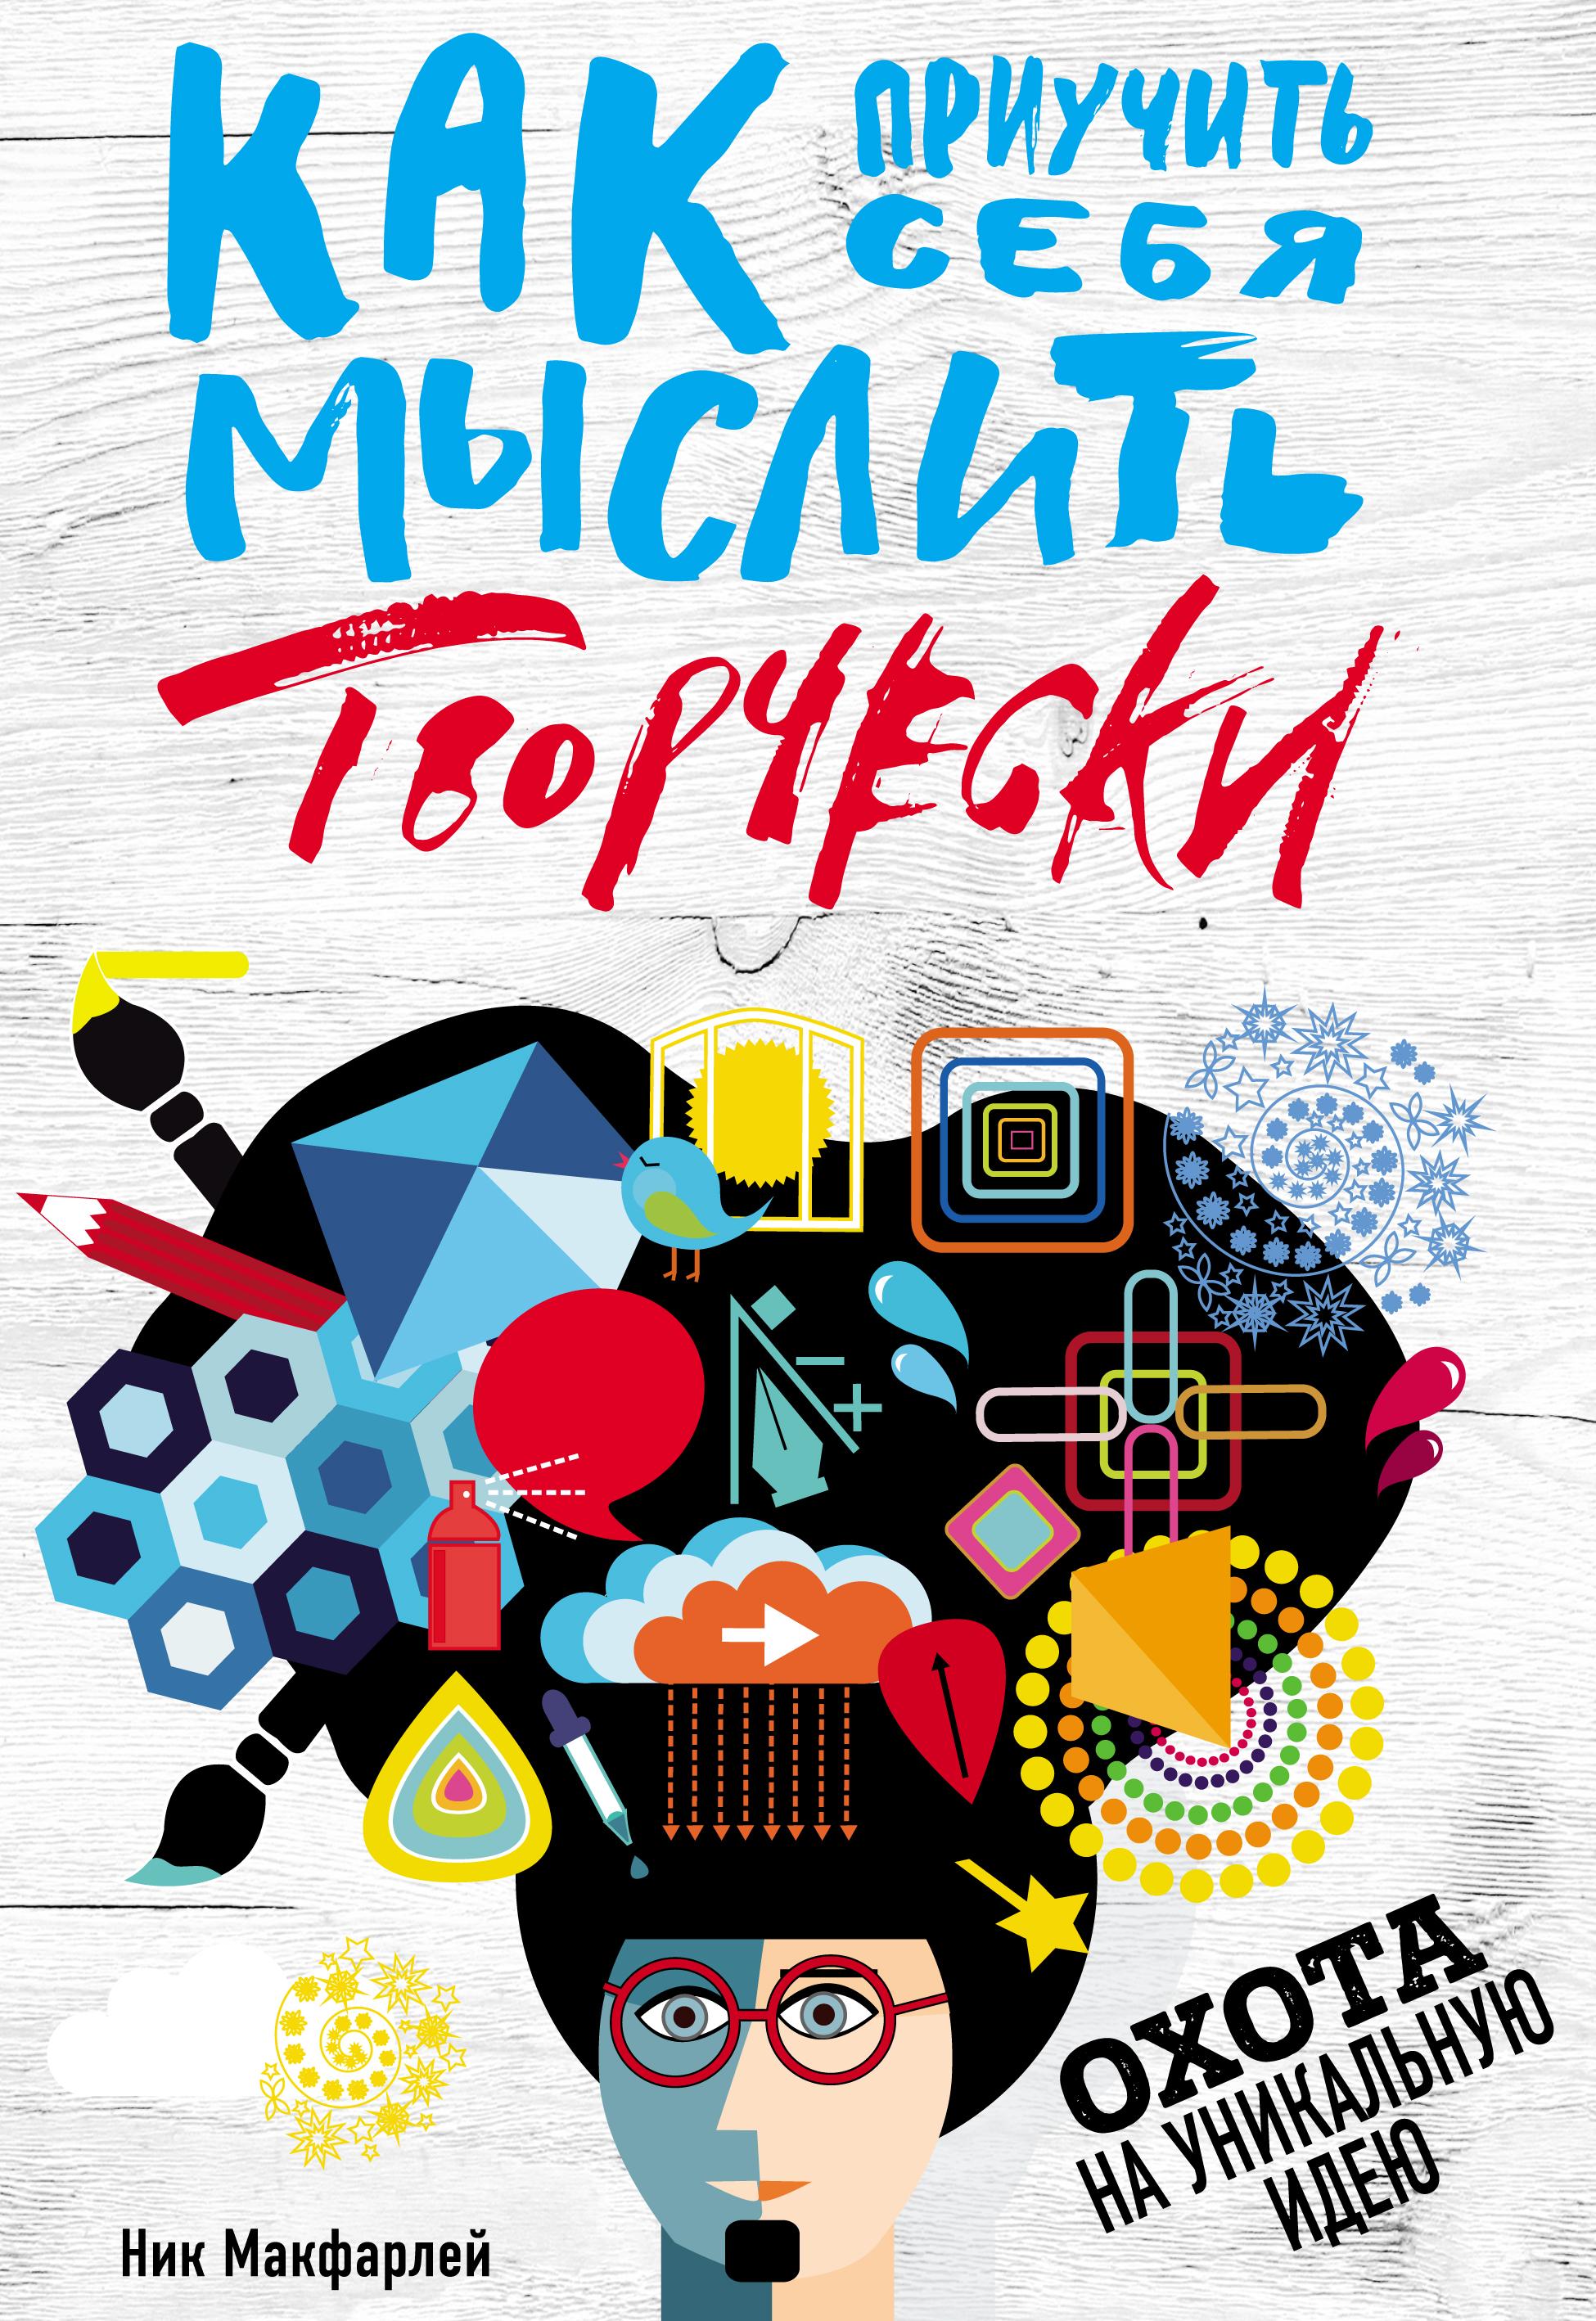 Ник Макфарлей Как приучить себя мыслить творчески, или Охота на уникальную идею полцарства за идею книга 4